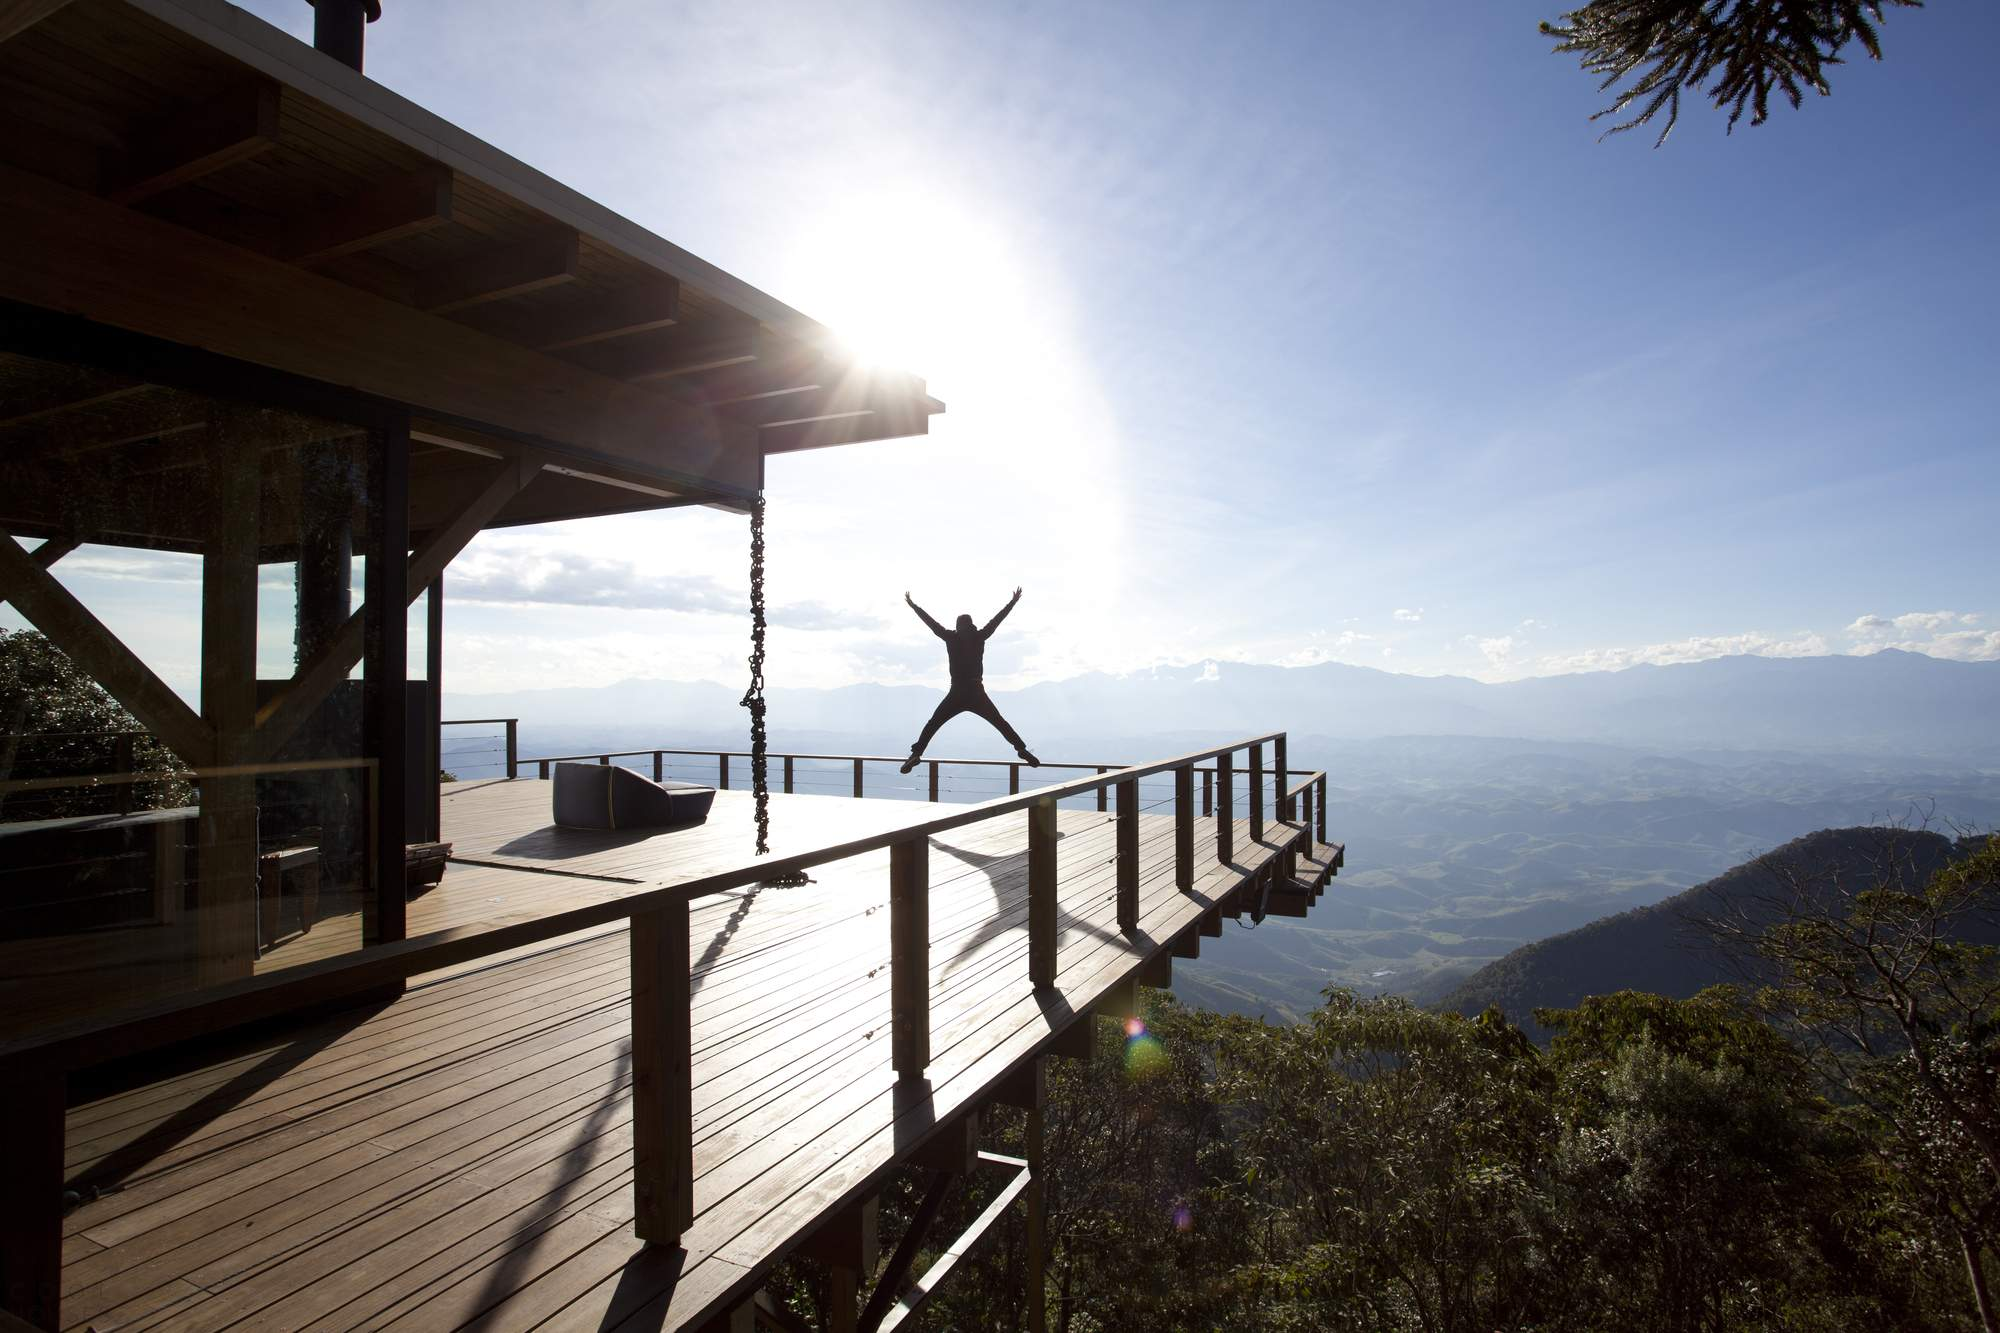 Дом-убежище с видом на Национальный парк, Бразилия